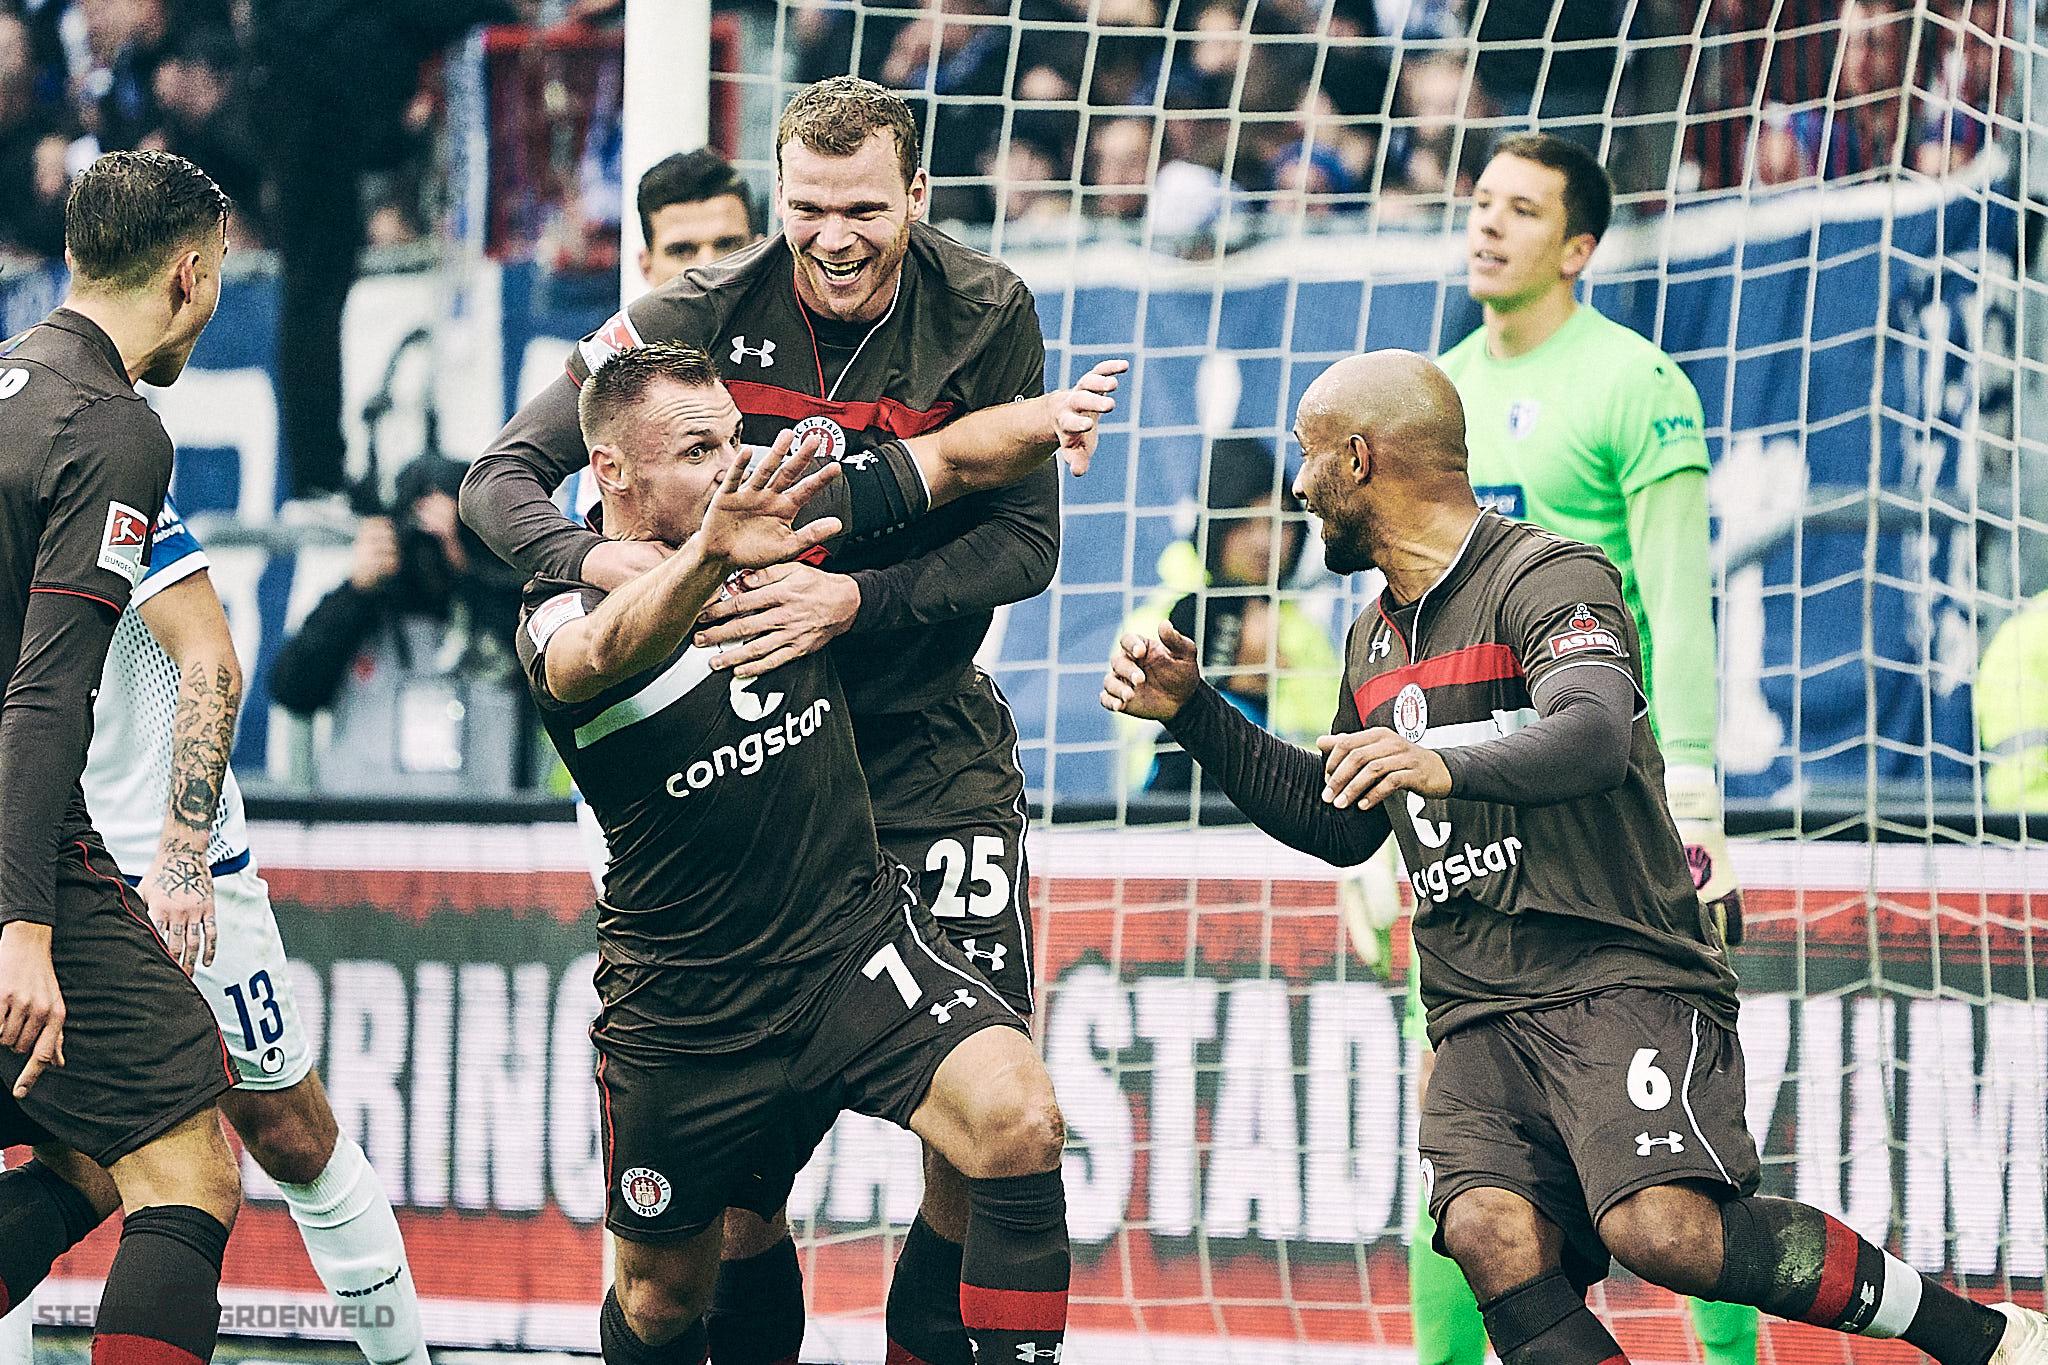 Nach dem Spiel – 1. FC Magdeburg (H) – Spieltag 18 – Saison 2018/19